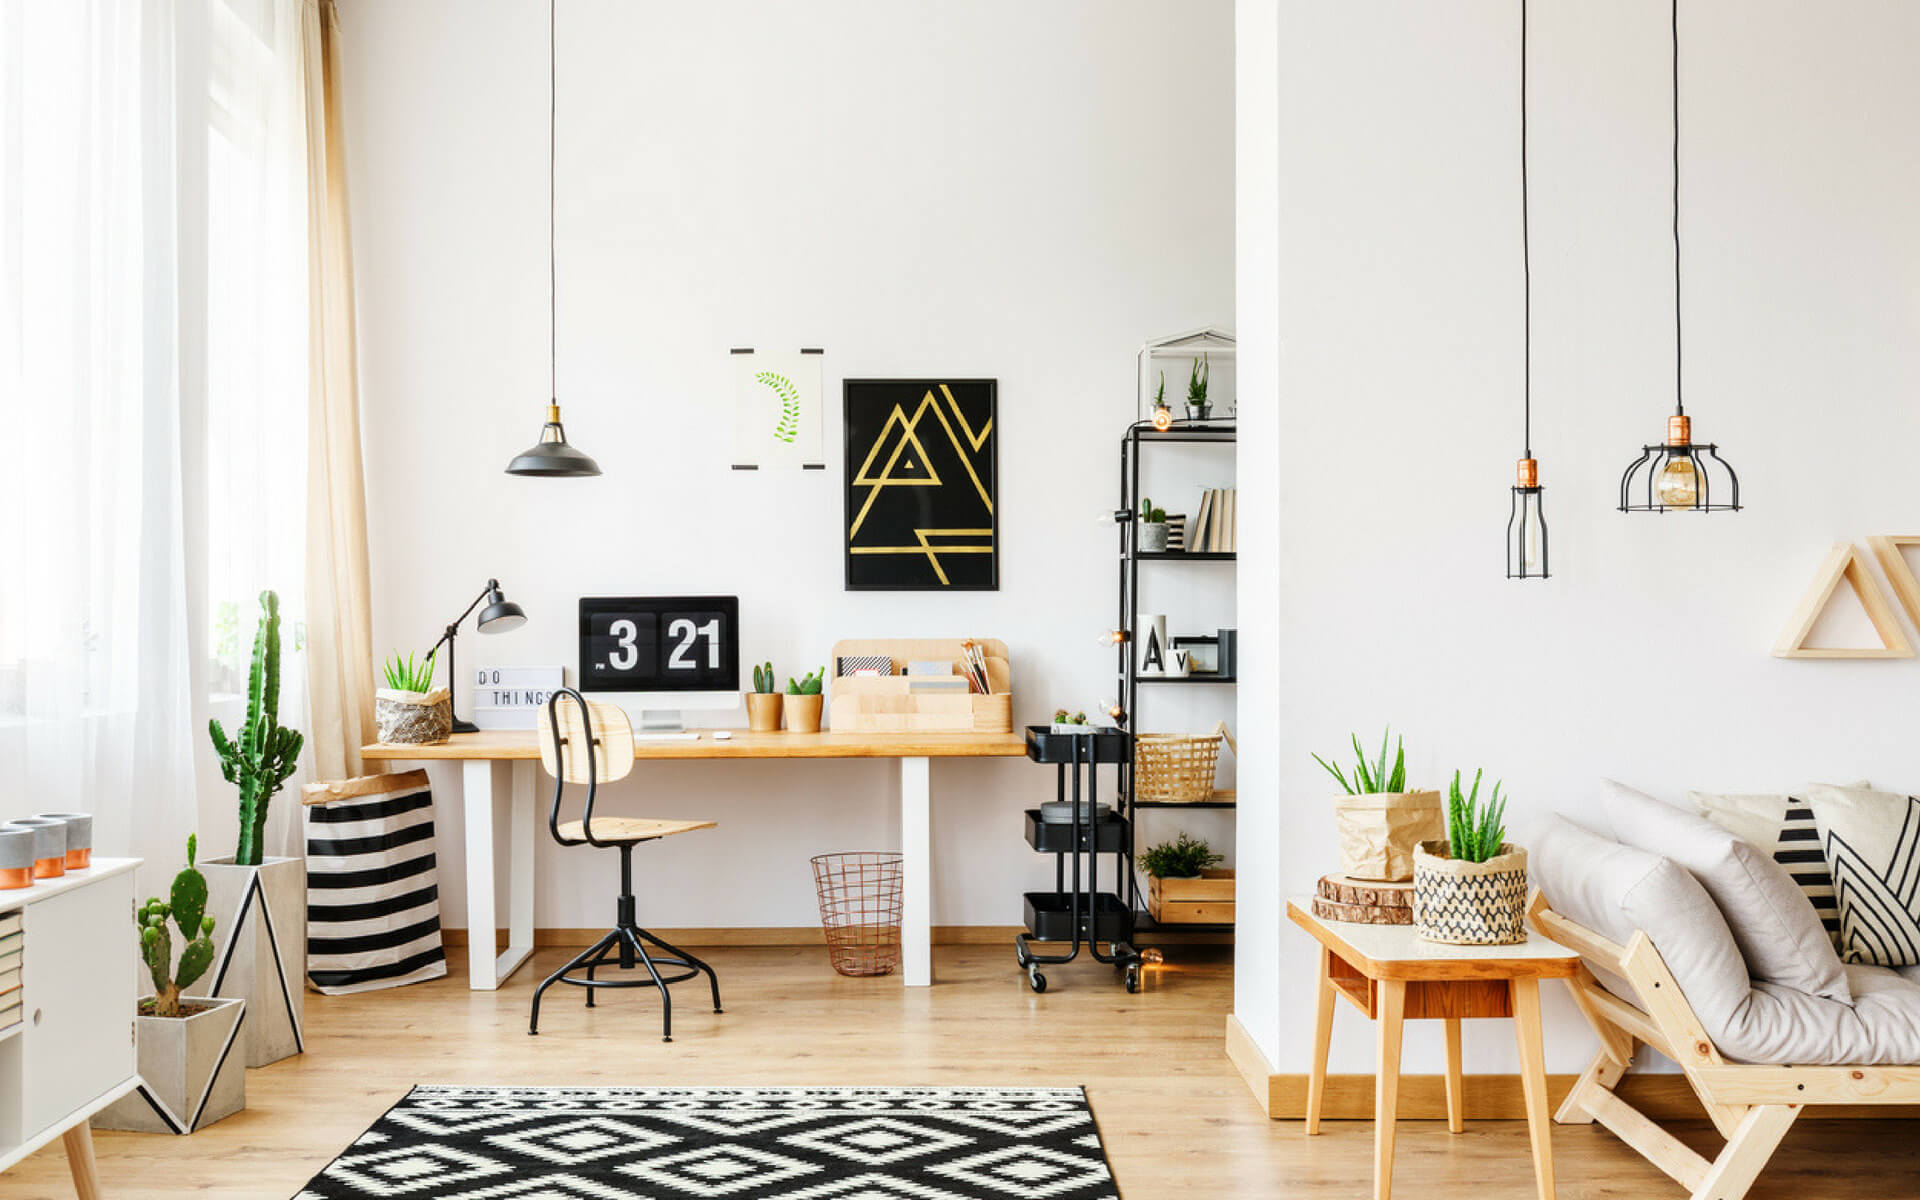 Idee Per Camere Ragazzi come creare un angolo studio per ragazzi | blog oknoplast